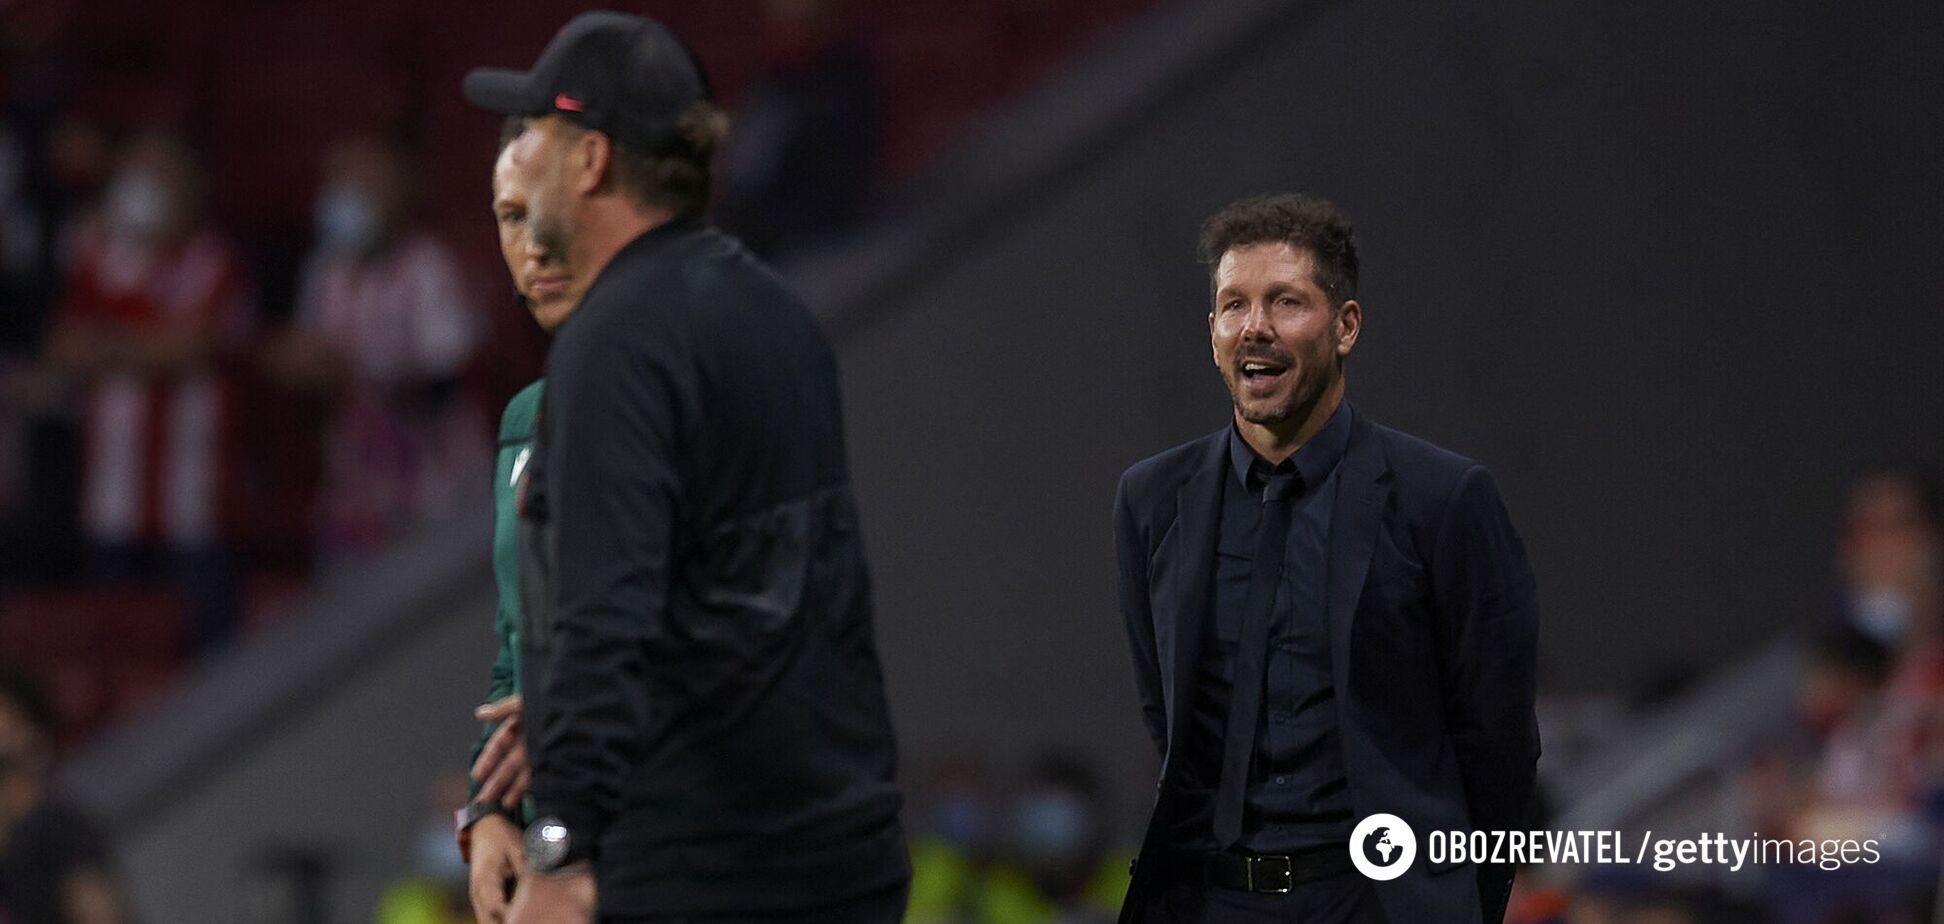 'Я не ідіот': тренер 'Ліверпуля' посварився з журналістом після перемоги над 'Атлетіко'